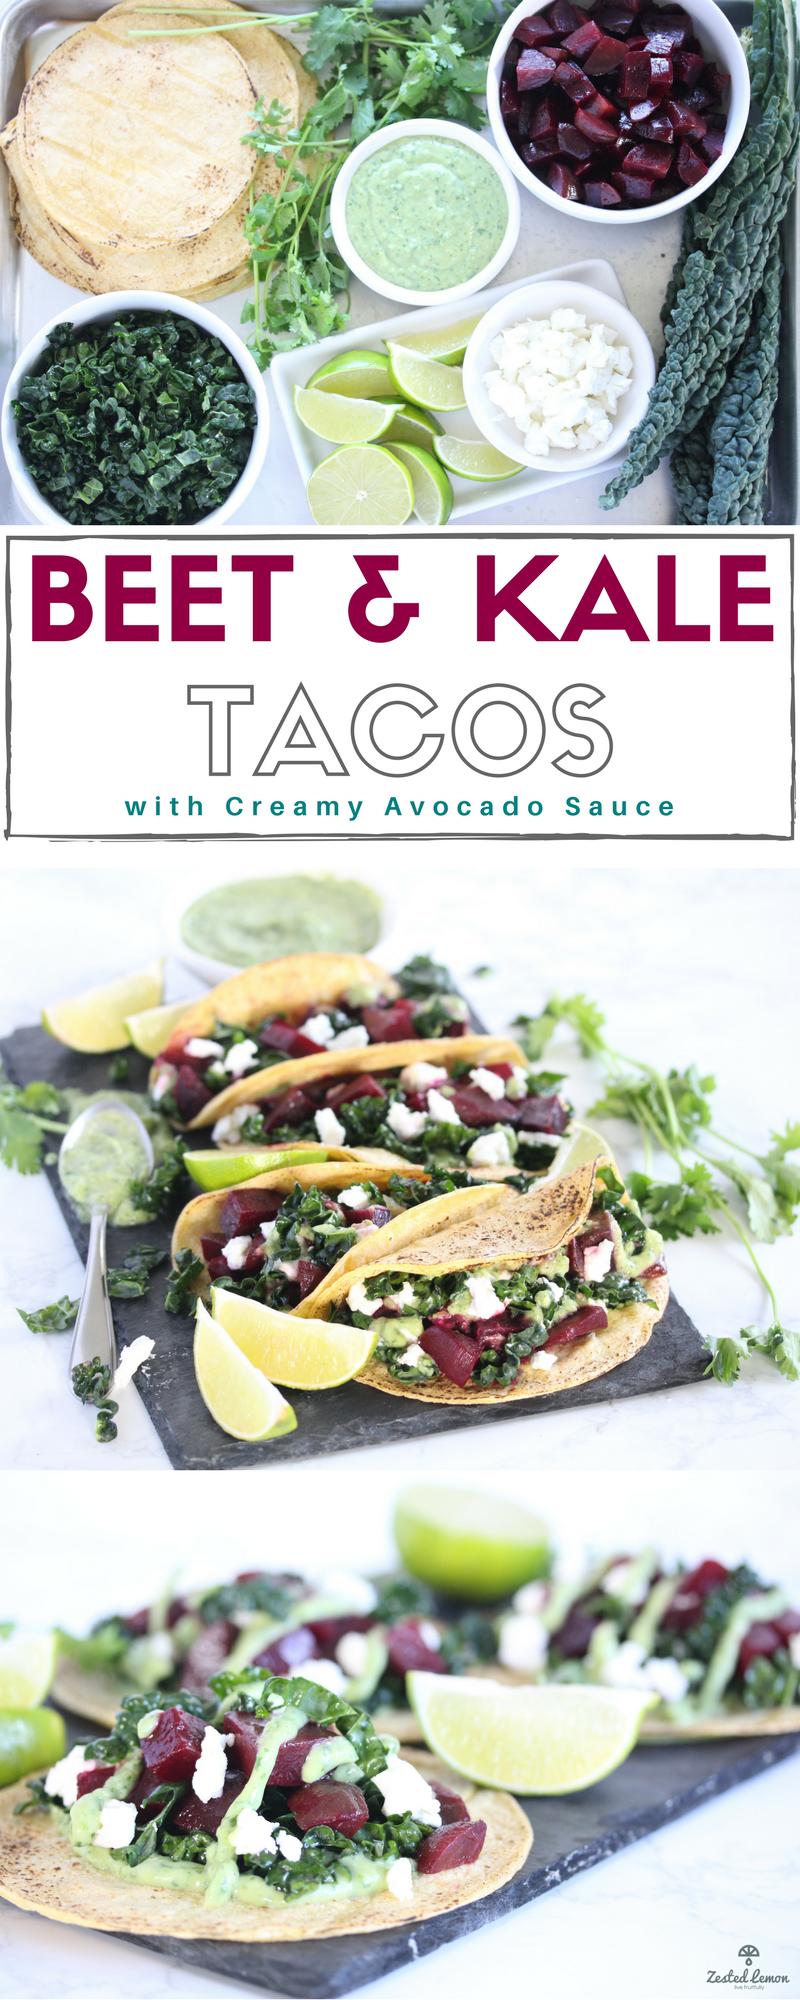 beet & kale tacos.png